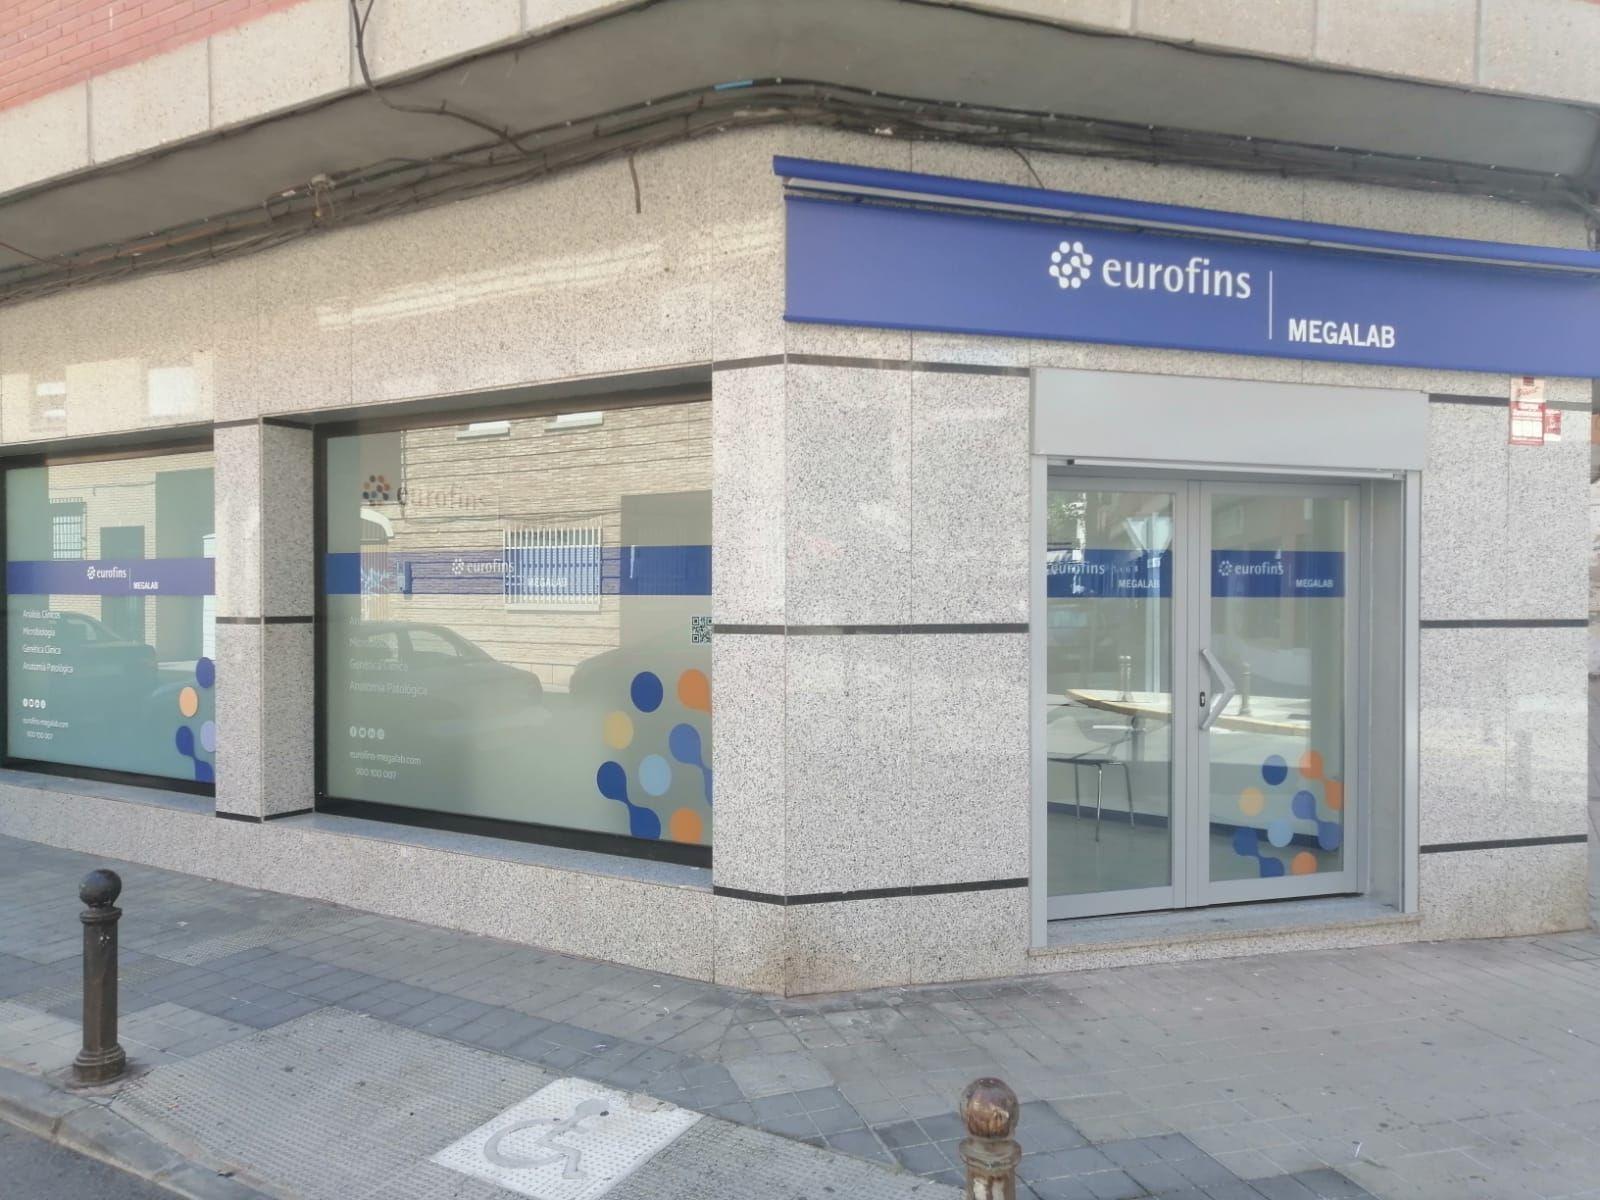 Fotografia Nuevo centro Eurofins Megalab en Ciudad Real